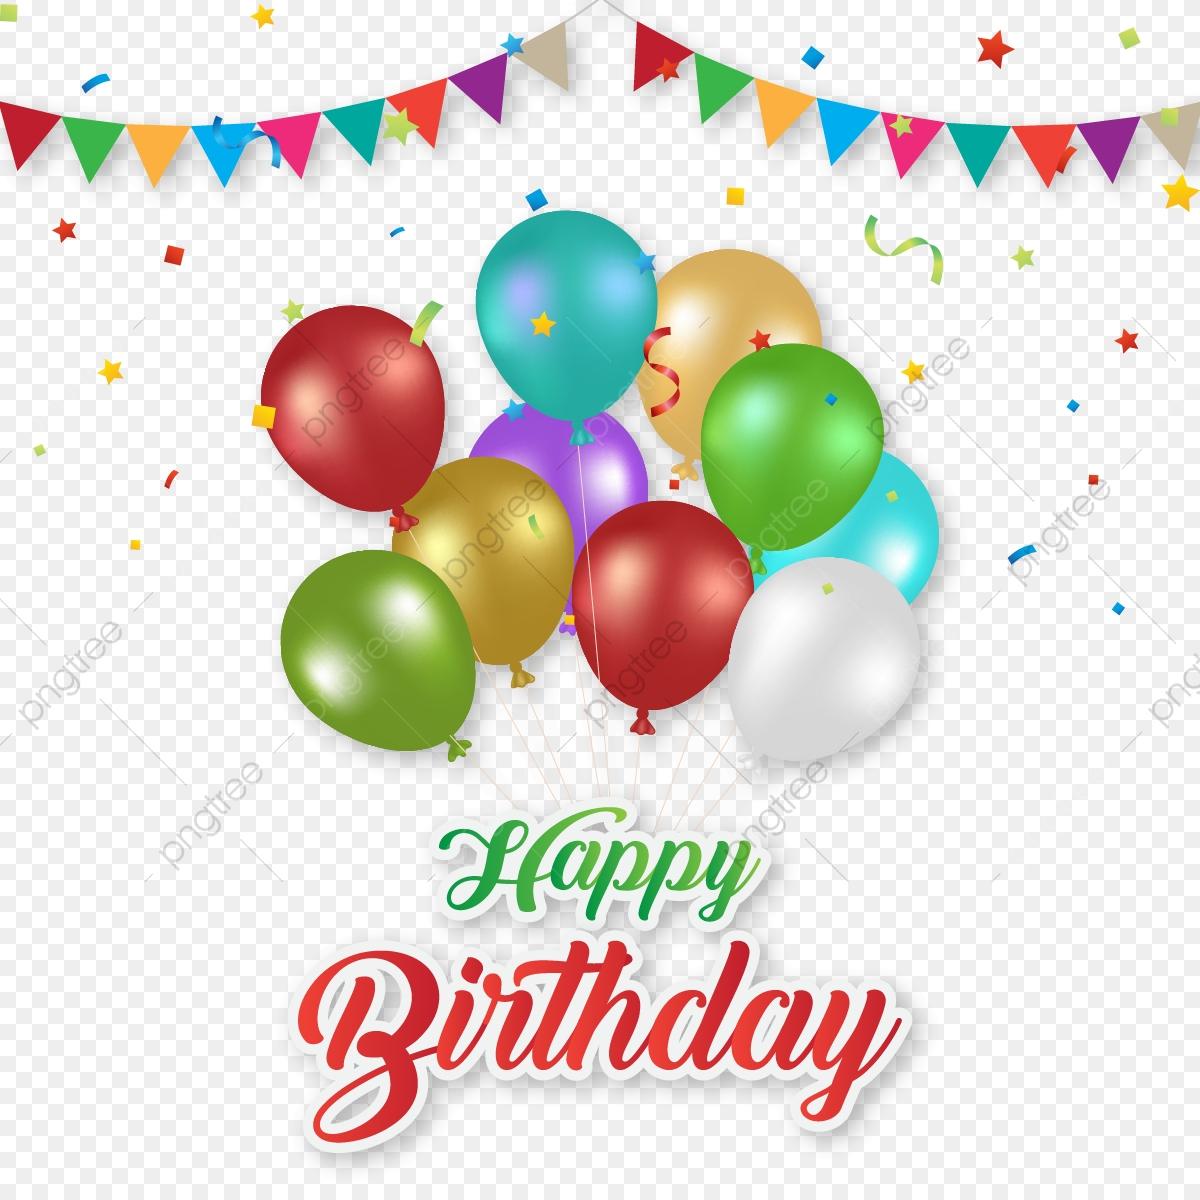 Alles Gute Zum Geburtstag Wünscht Mit Bunten Luftballons über Geburtstag Bilder Kostenlos Herunterladen